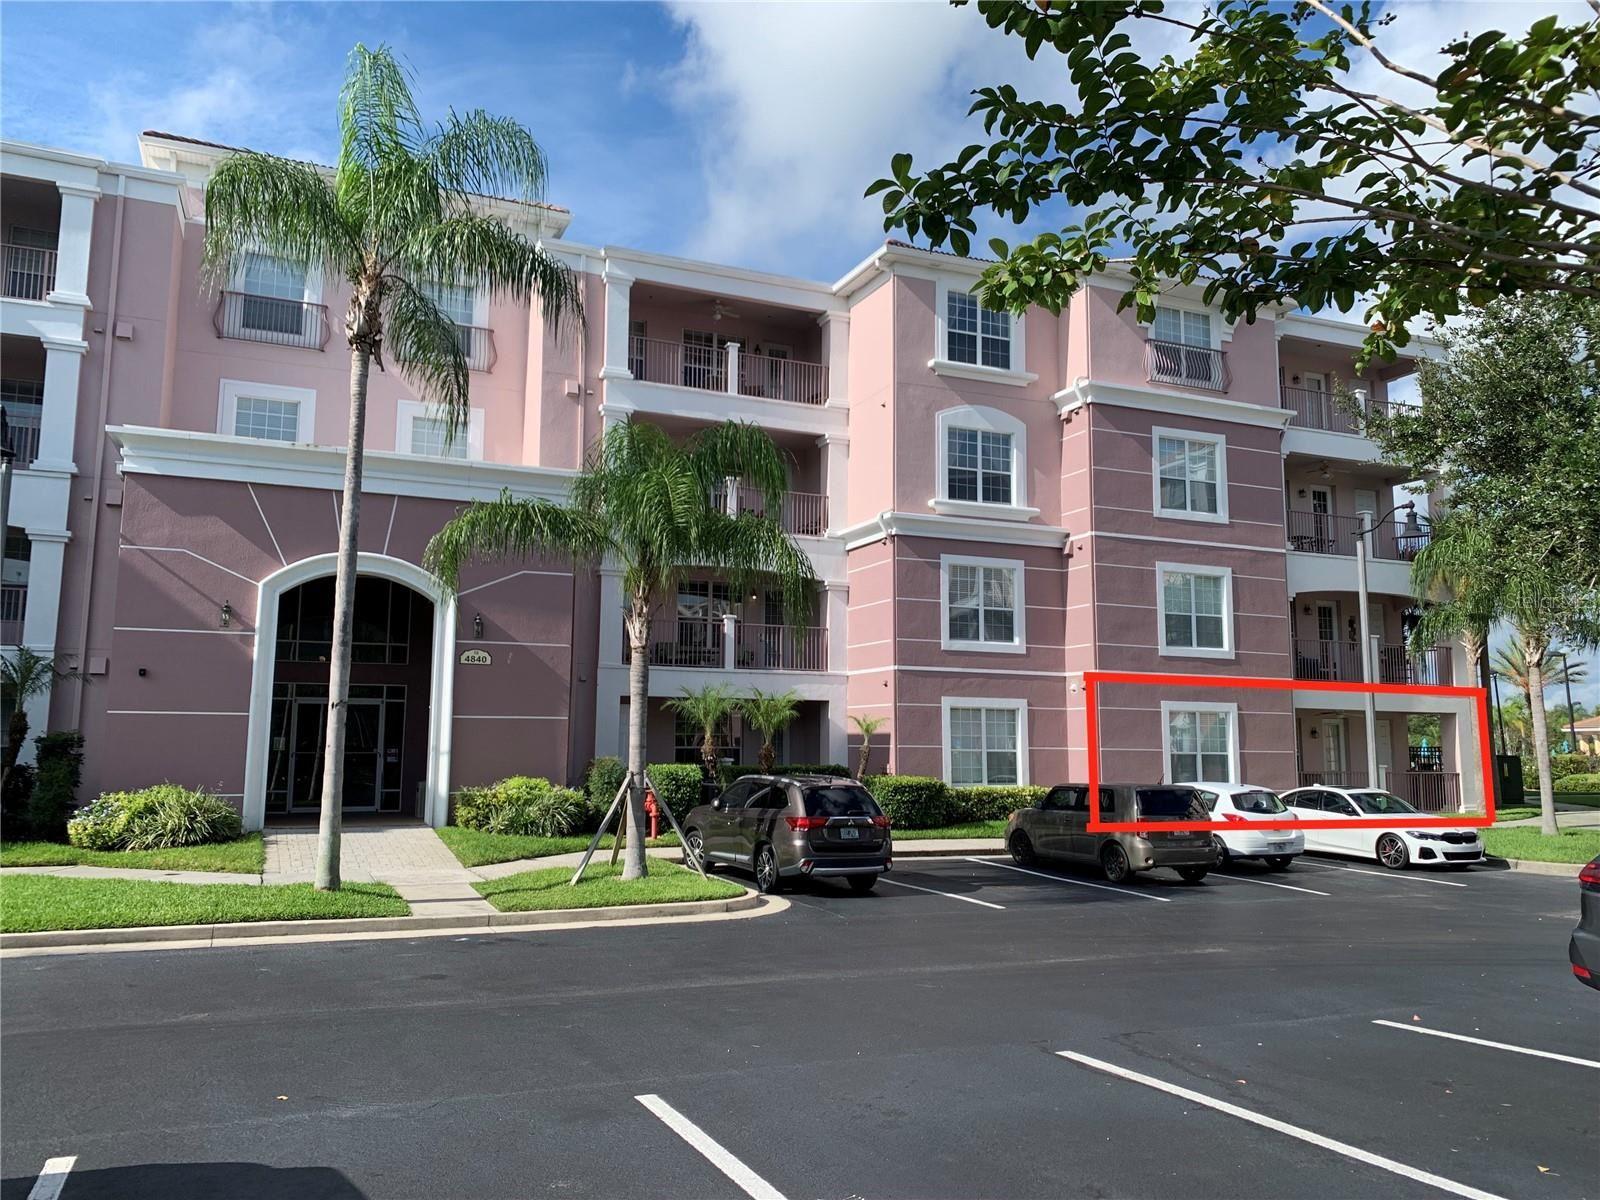 4840 CAYVIEW AVENUE #107, Orlando, FL 32819 - #: O5971885